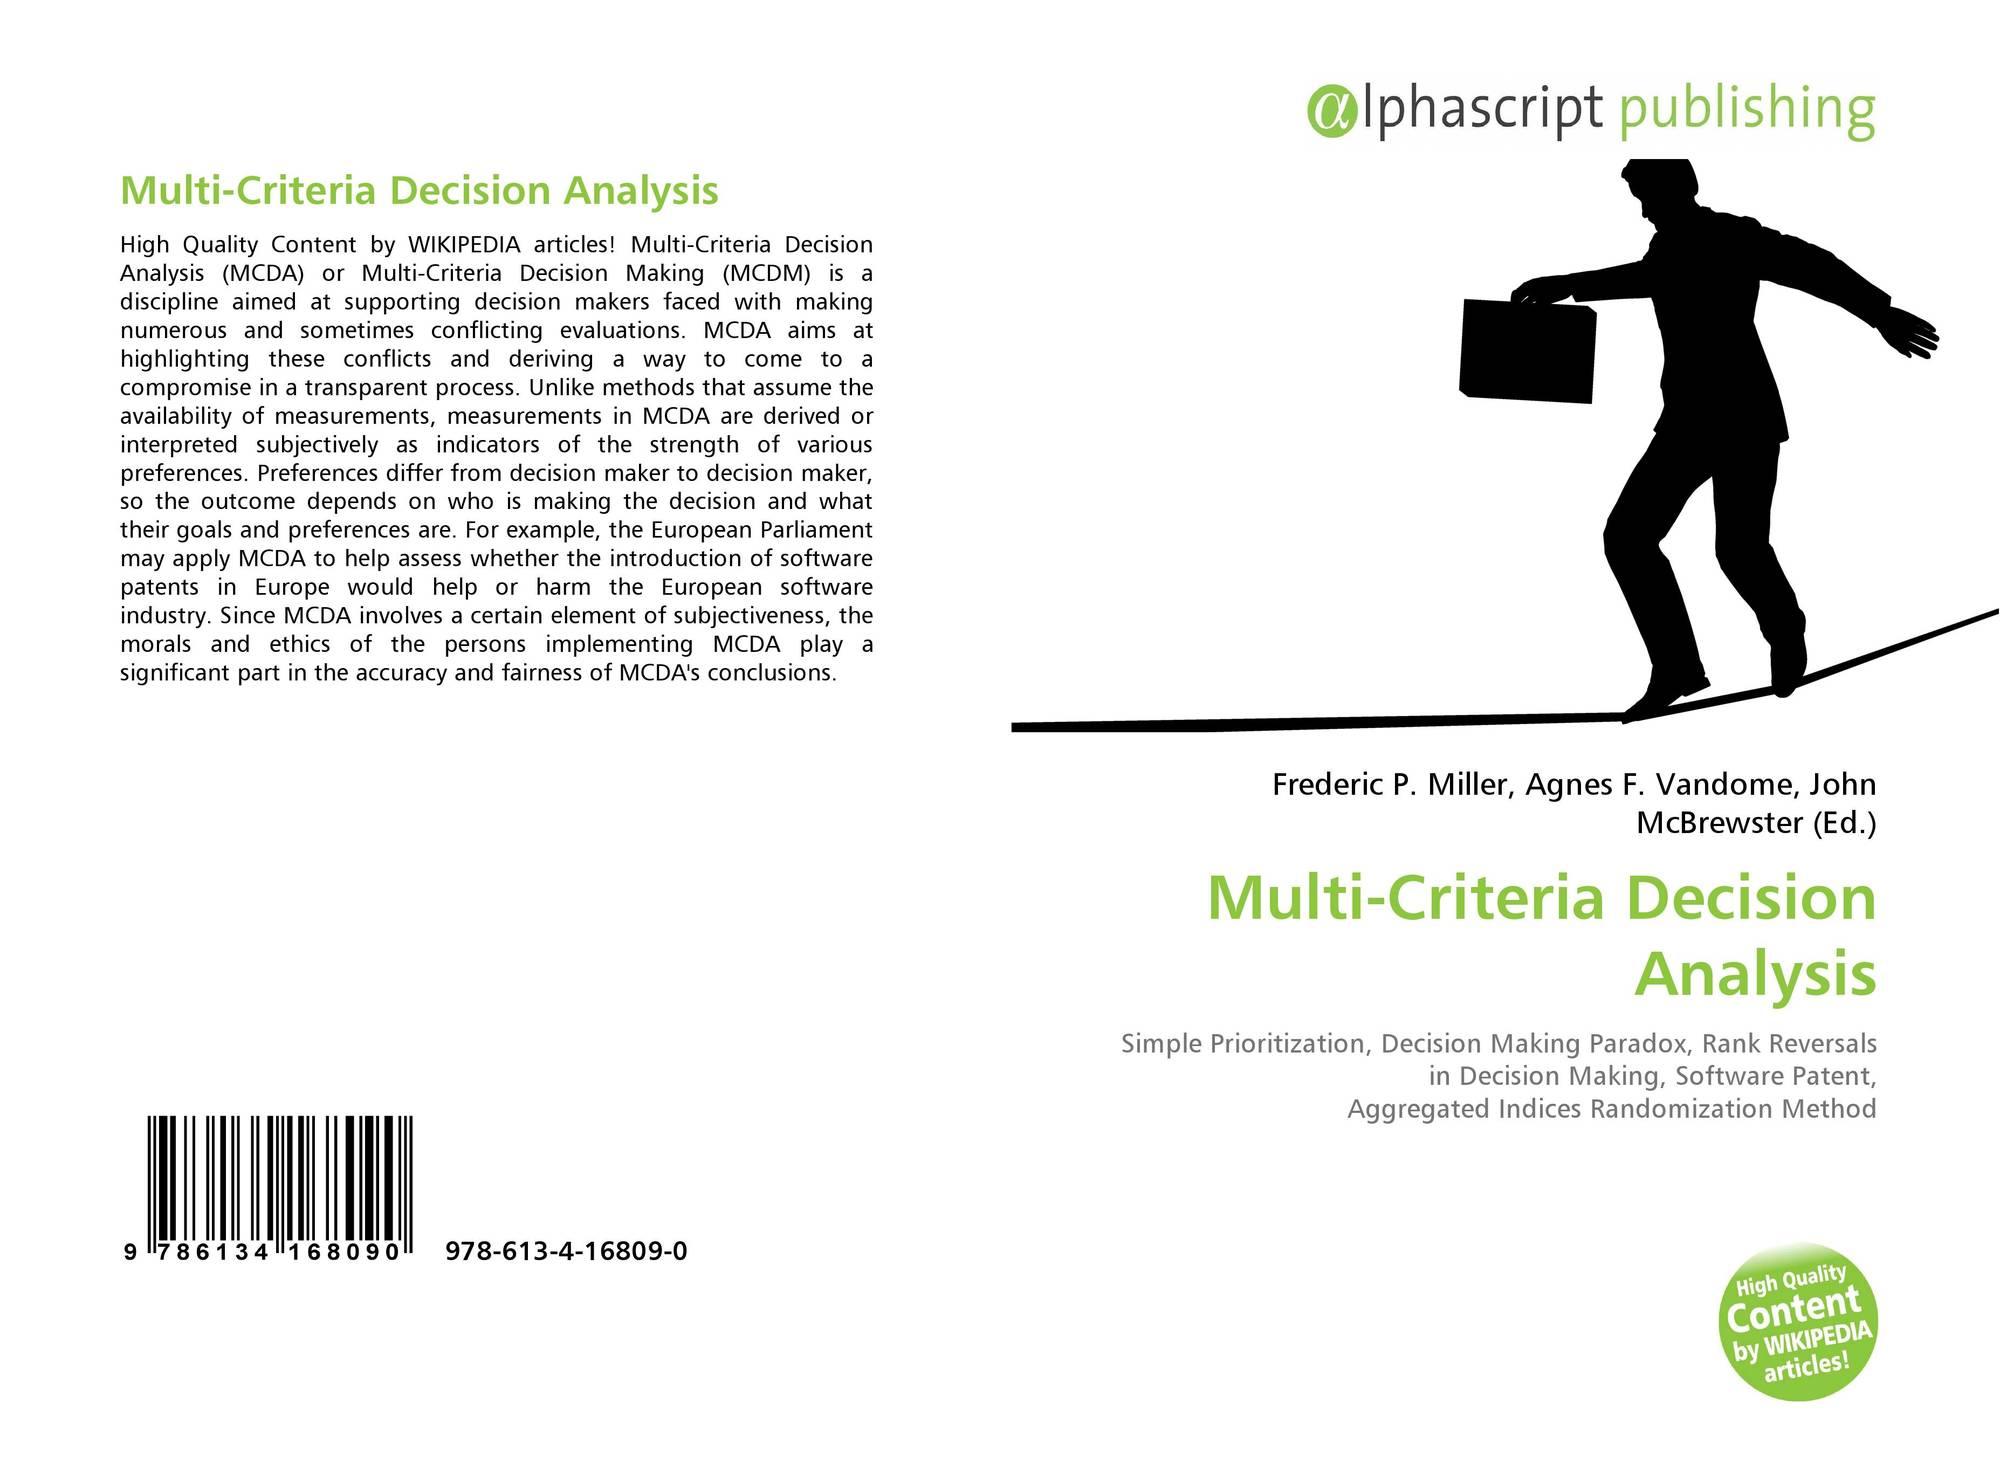 deriving consensus rankings via multicriteria decision